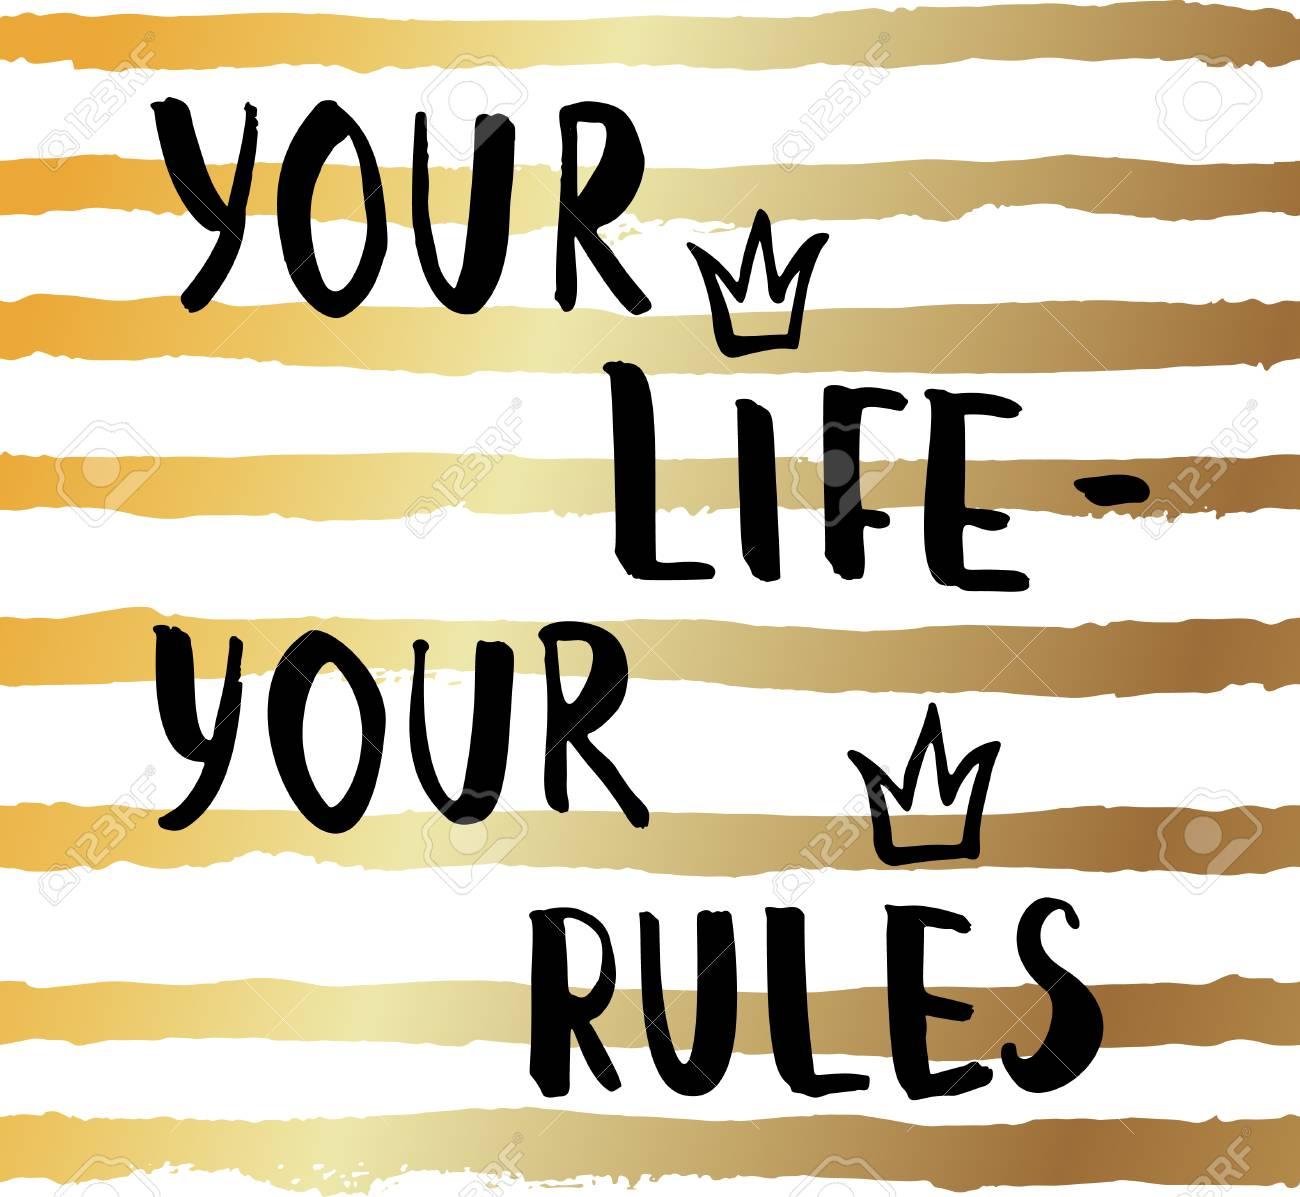 Banque Du0027images   Your Life   Vos Règles, Affiche De Motivation, Modèle De  Conception Pour Le T Shirt Et Habillement, Expression Inspirée Pour La  Décoration ...